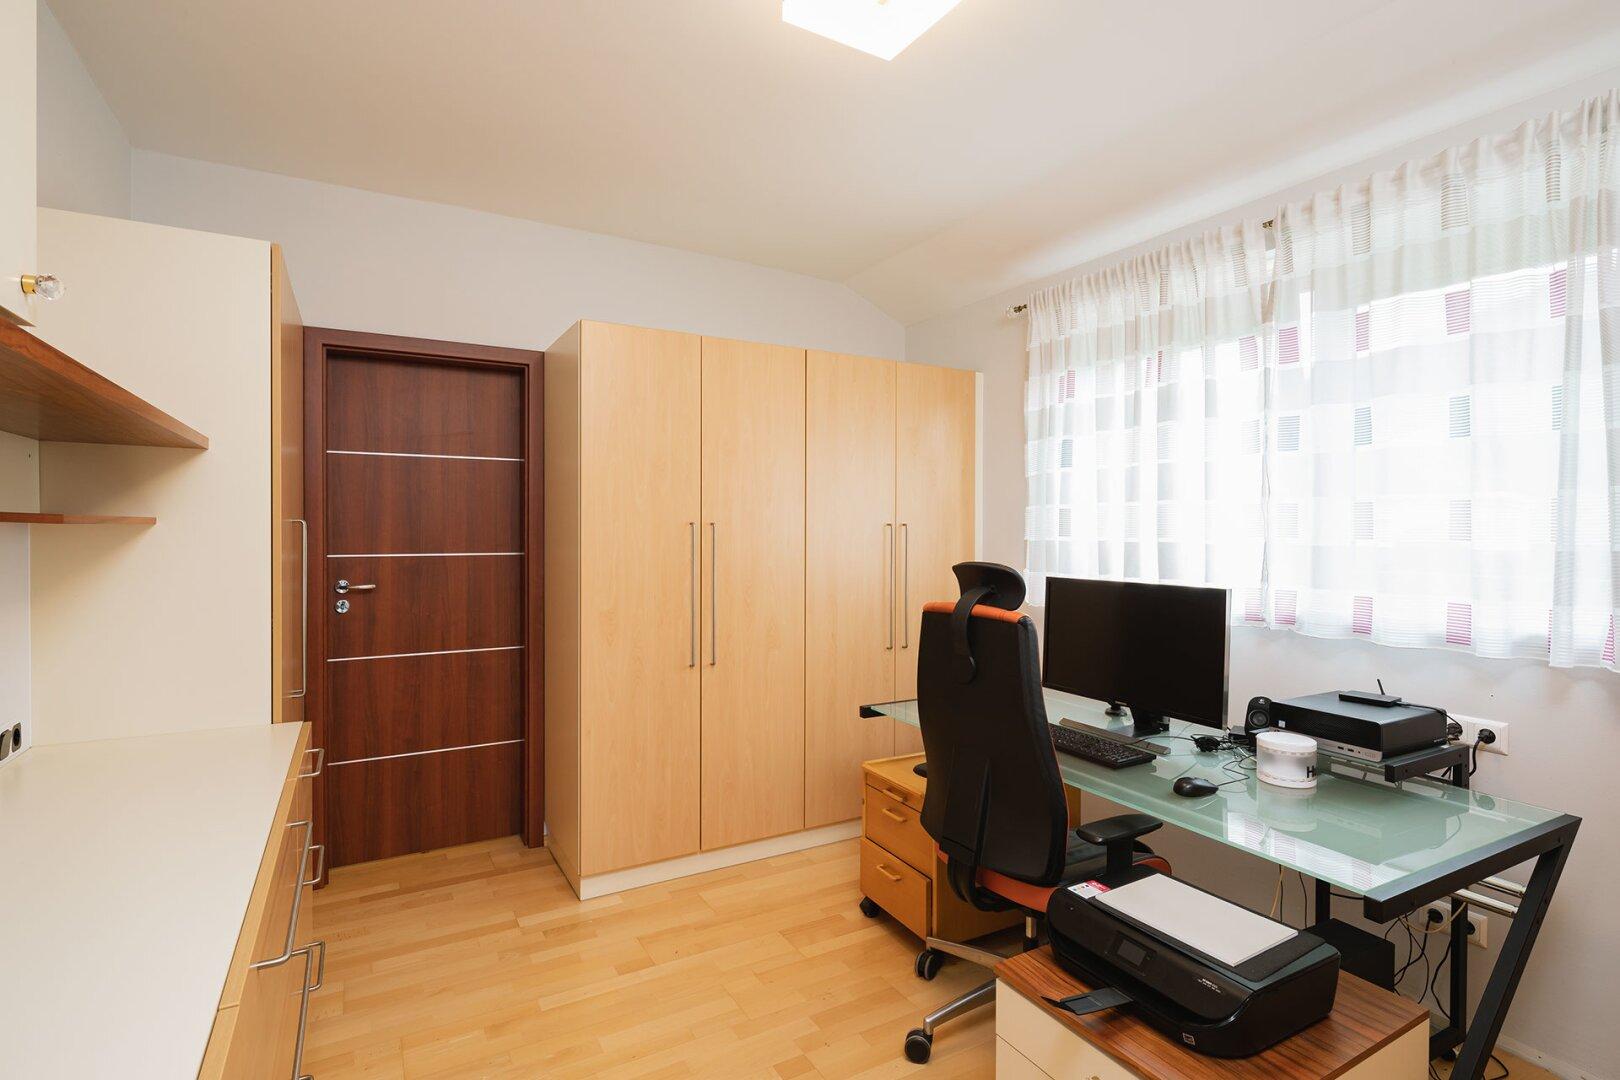 Zimmer/Büro_OG